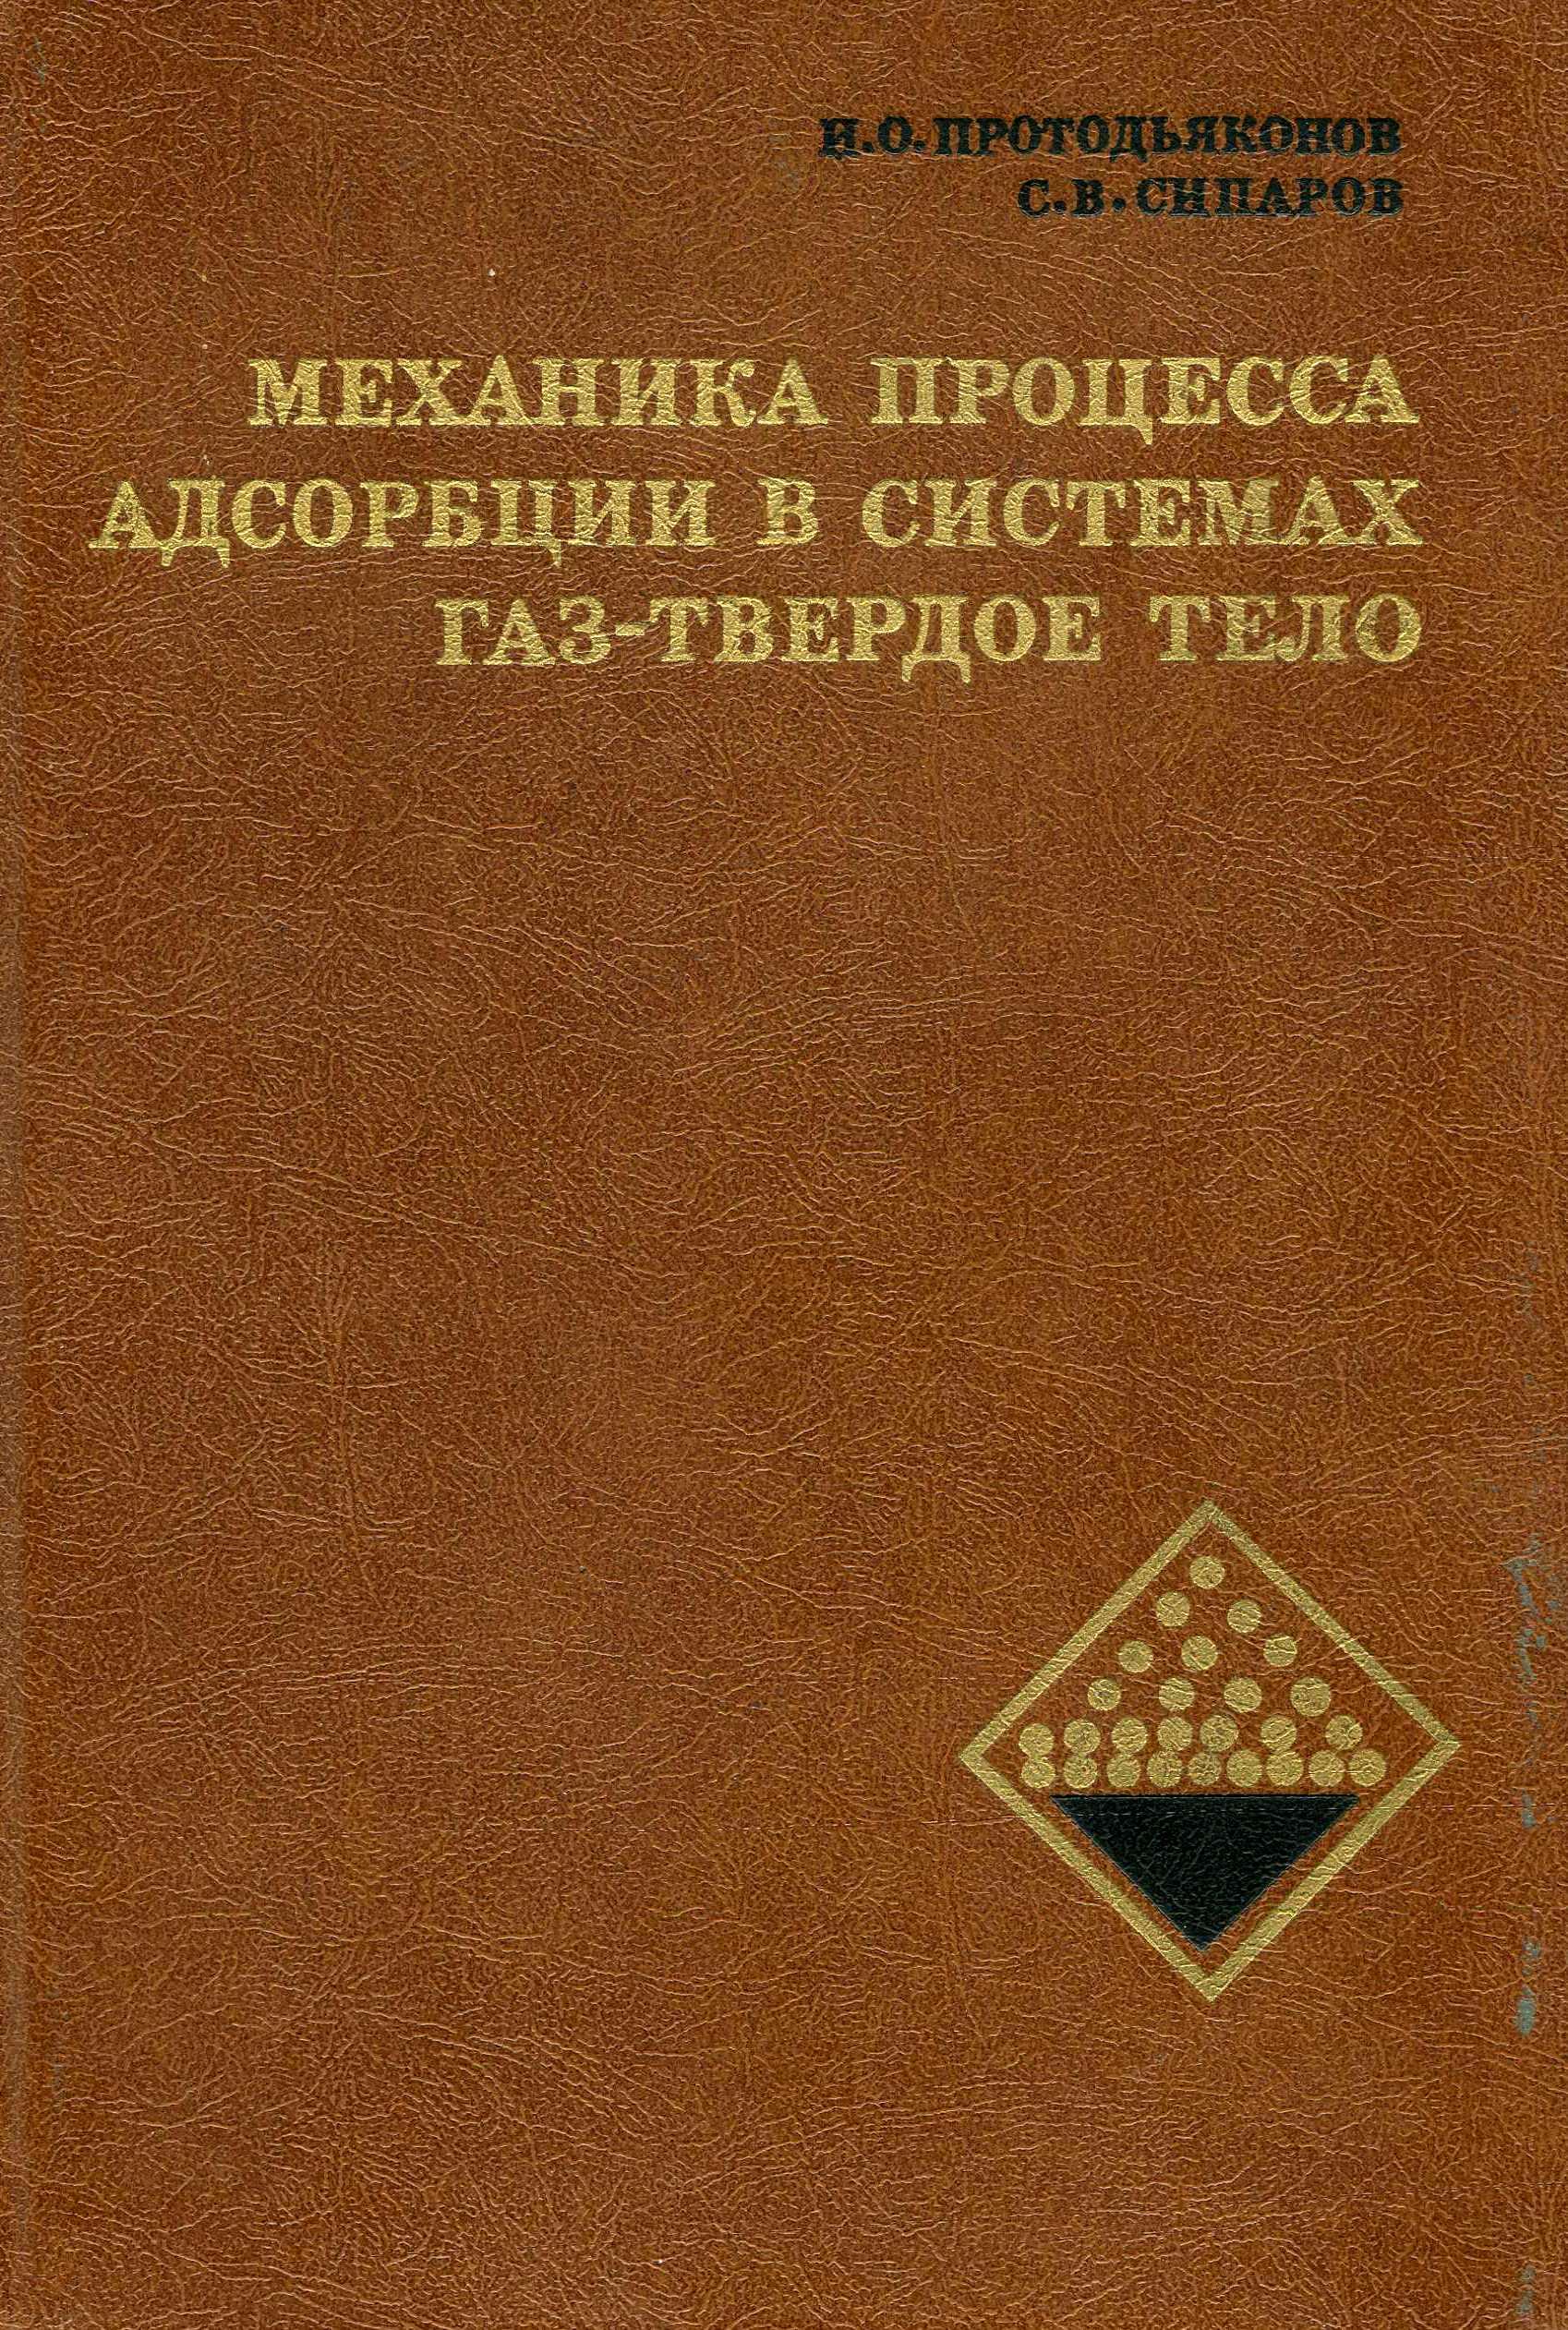 В.О. Протодьяконов, С.В. Сипаров. Механика процесса адсорбции в системах газ-твердое тело.